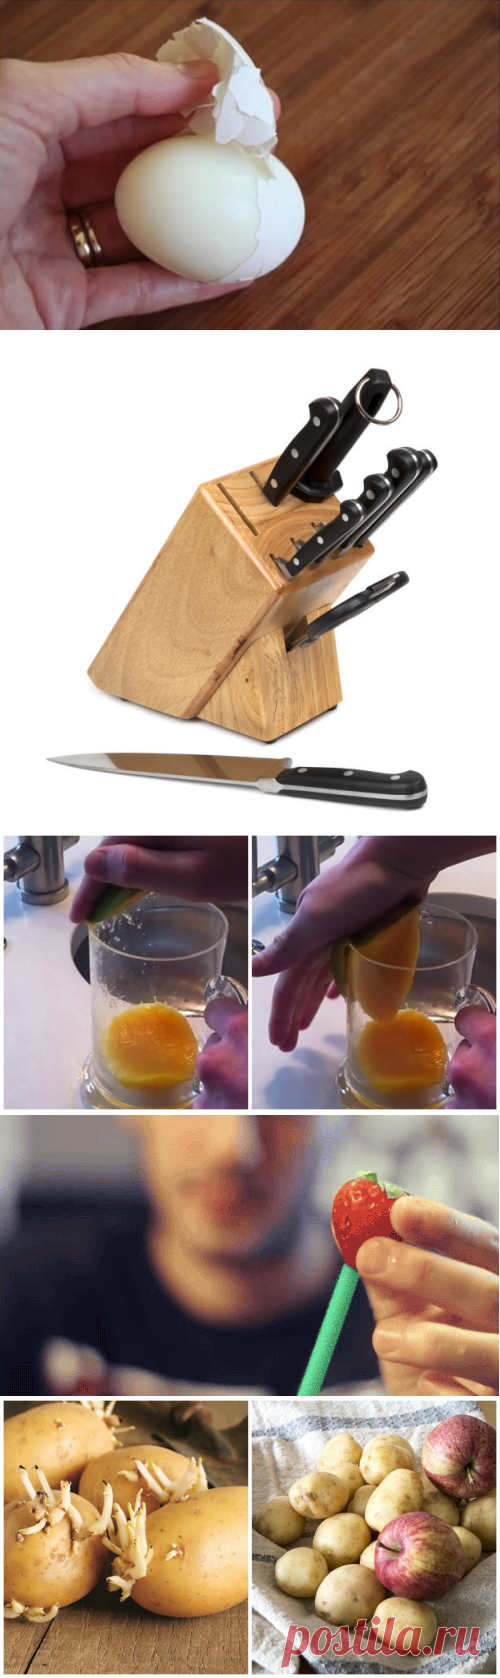 Простые кухонные хитрости, которые экономят ваше время — Полезные советы